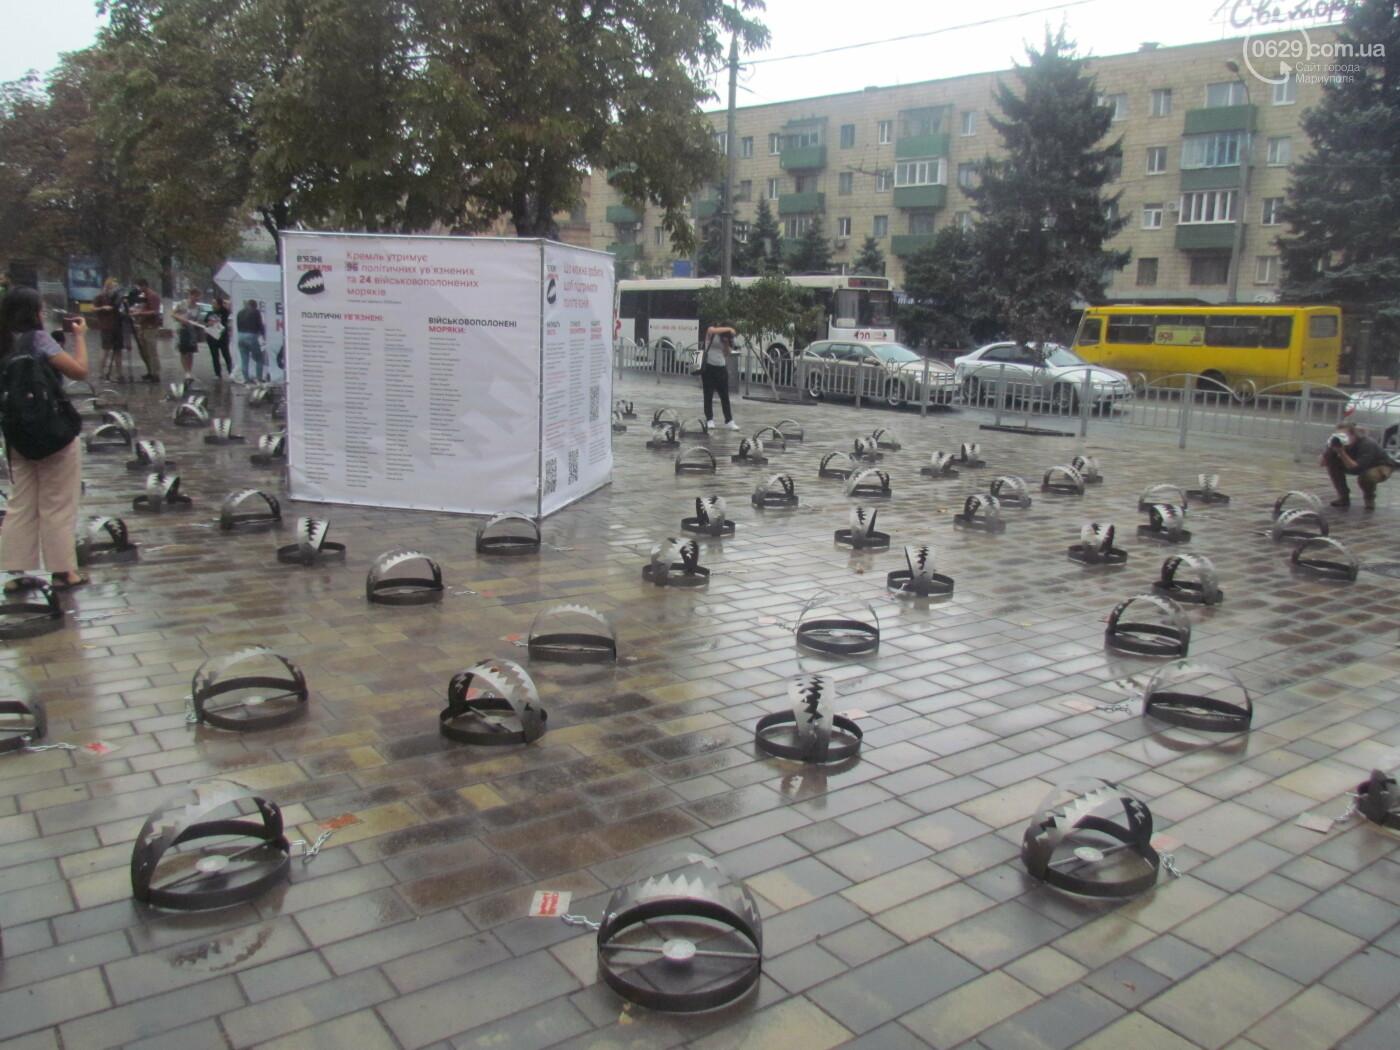 В капкане врага. Мариупольцам рассказали о политических узниках Кремля, - ФОТОРЕПОРТАЖ, фото-6